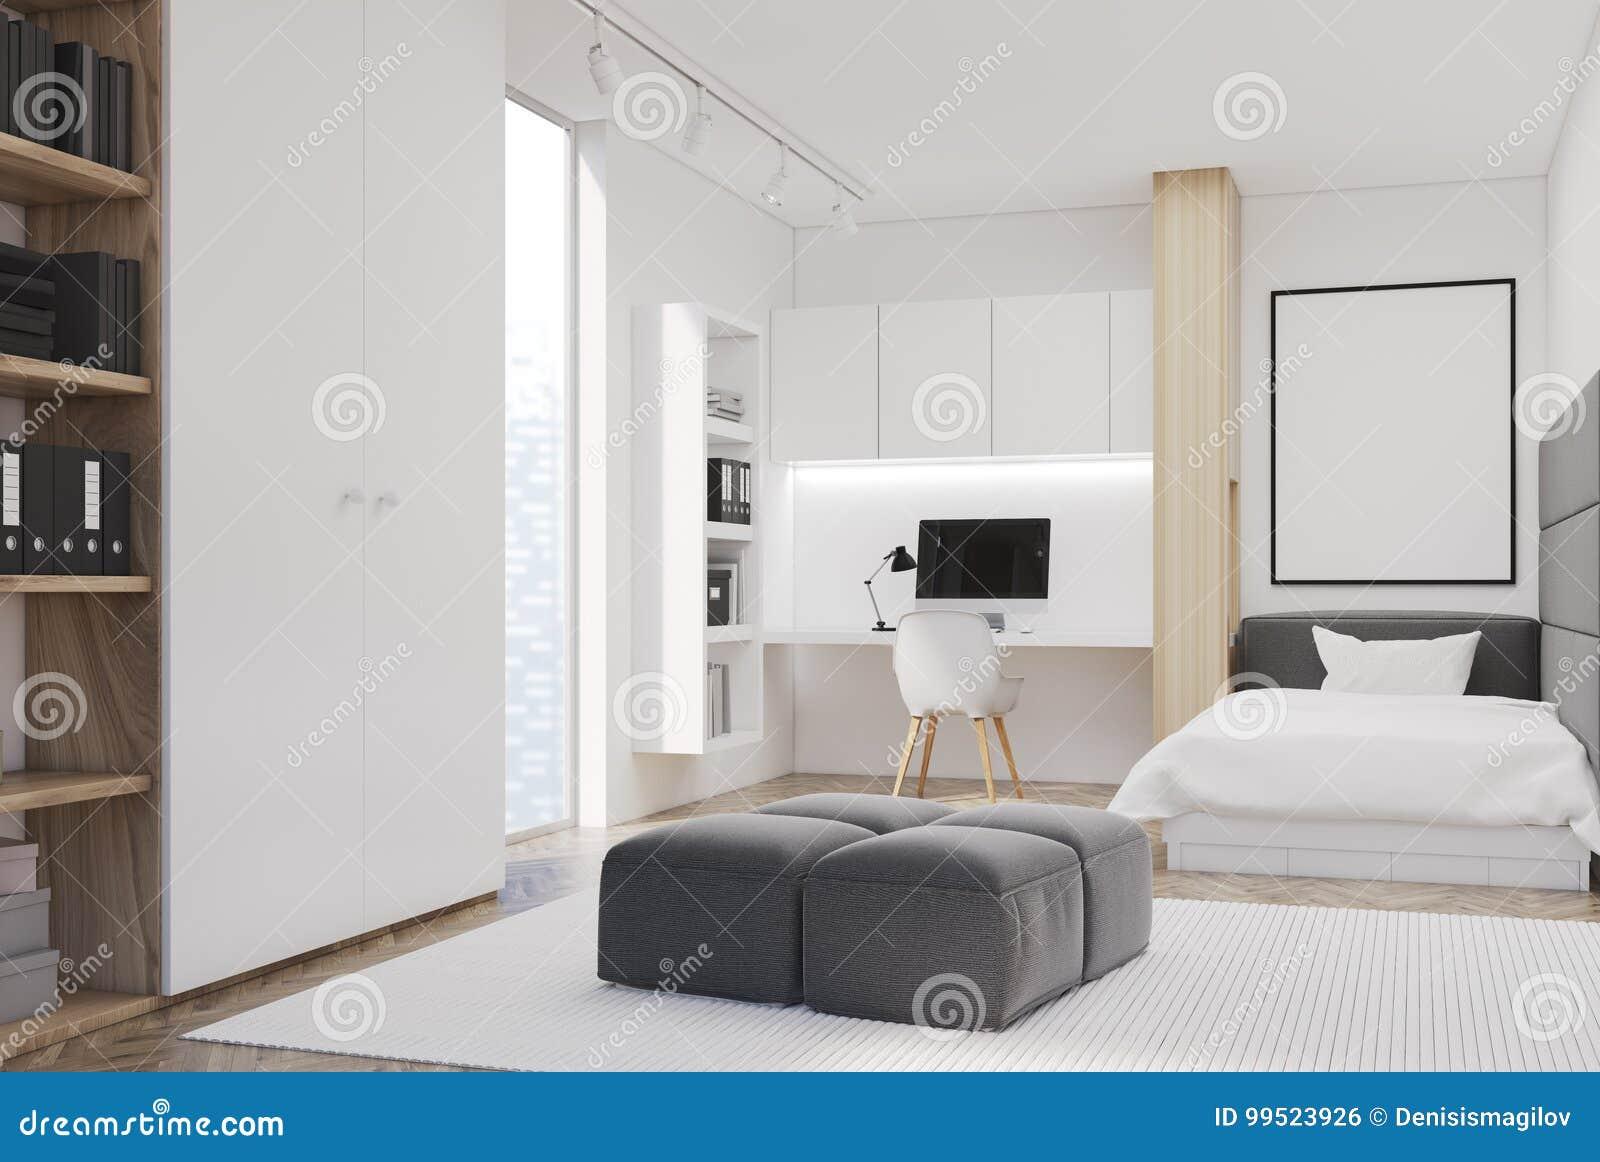 Siège De Chambre à Coucher Et Social Blanc Simple Côté